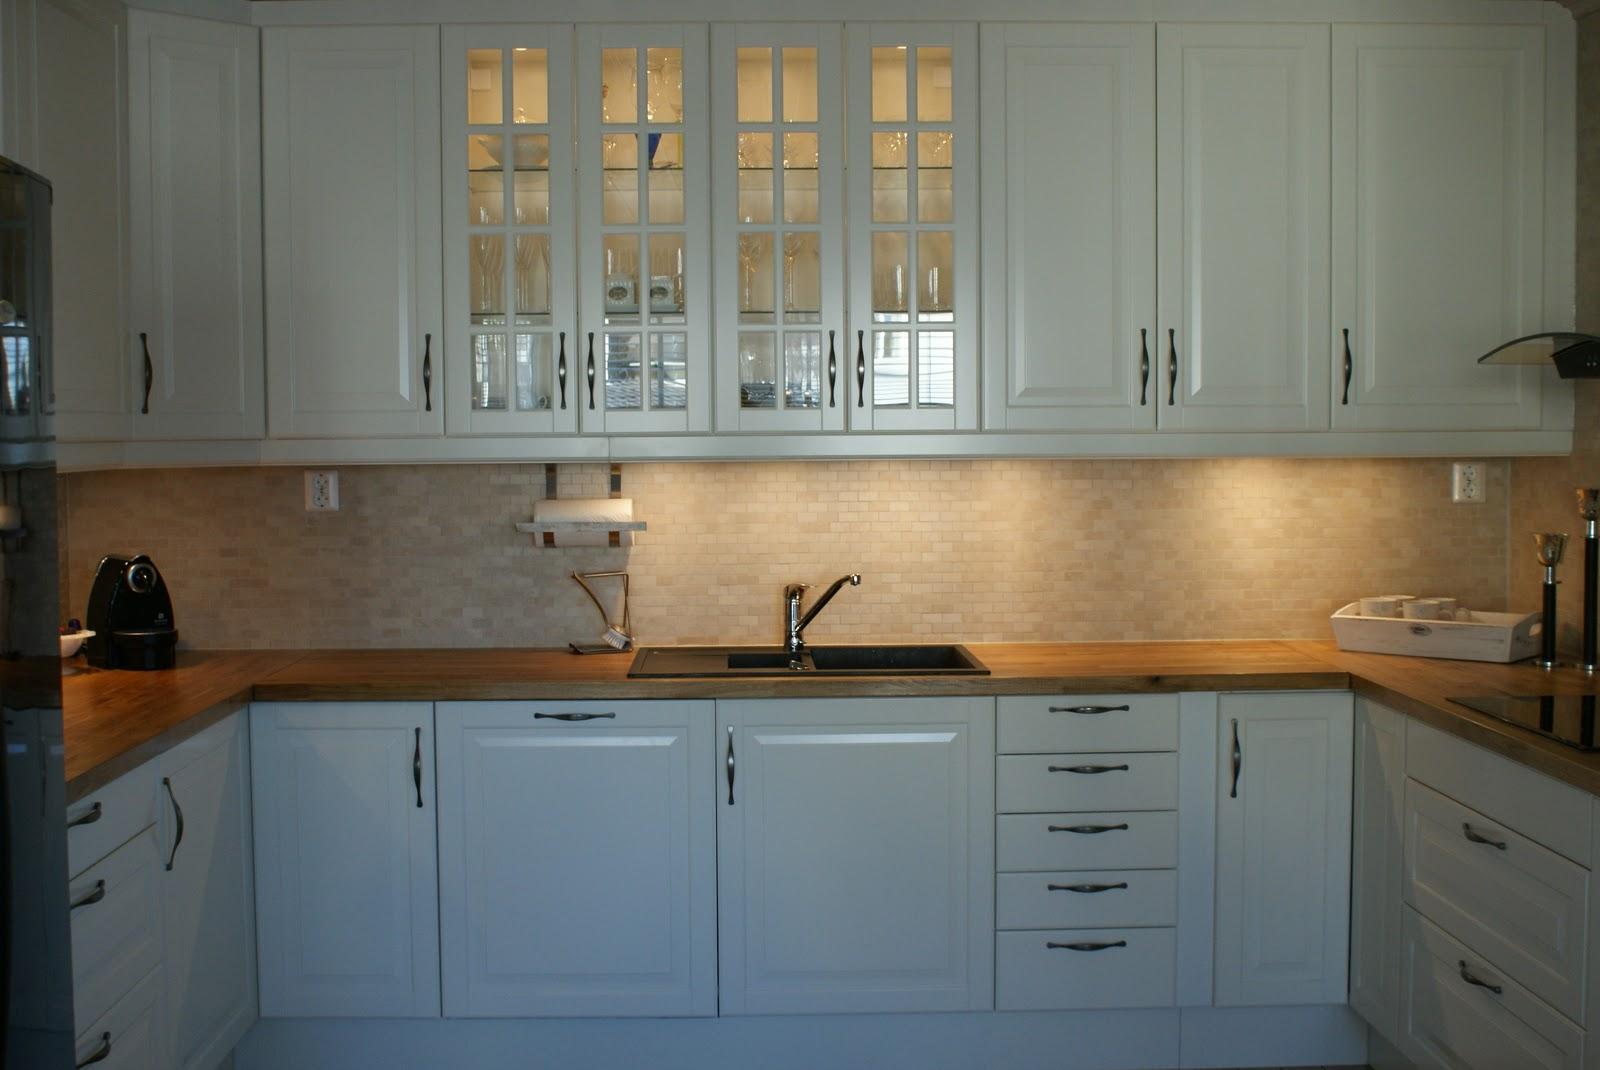 Svart Ikea Kjokken # Fmlex com> Beste design inspirasjon for hjemmerom arrangement